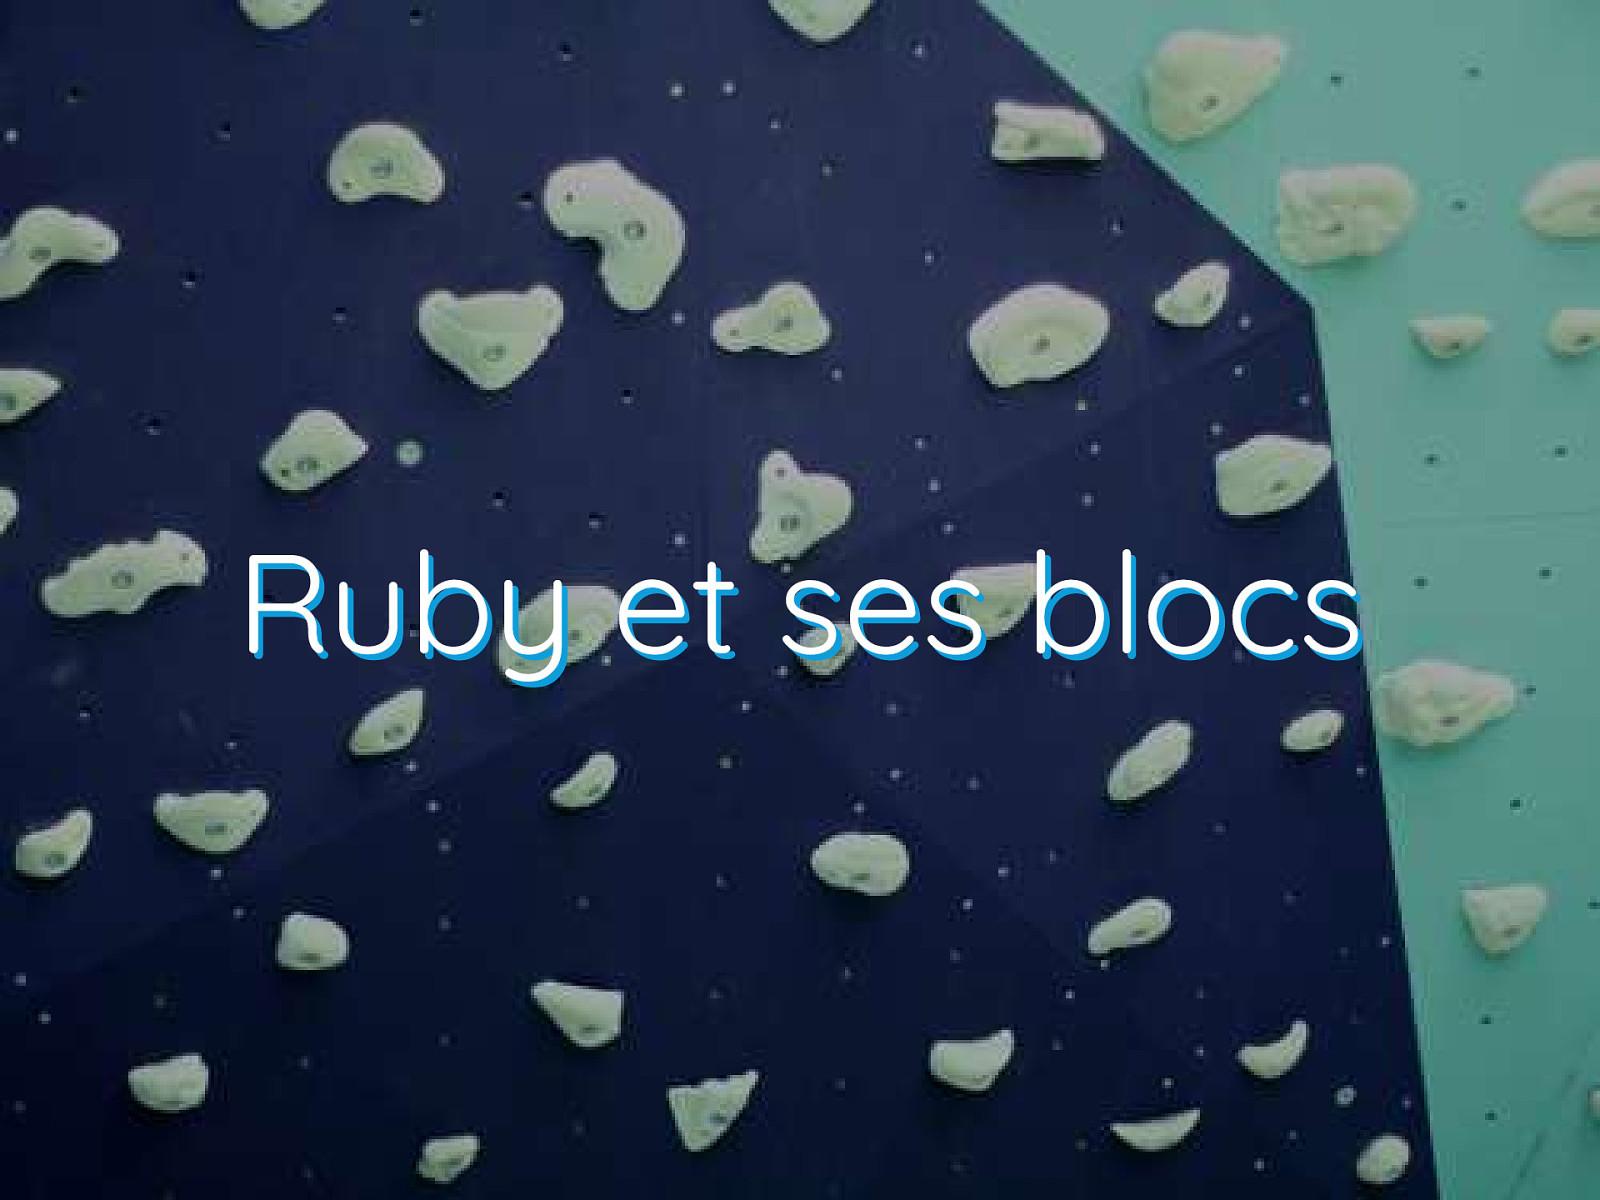 Ruby et ses blocs